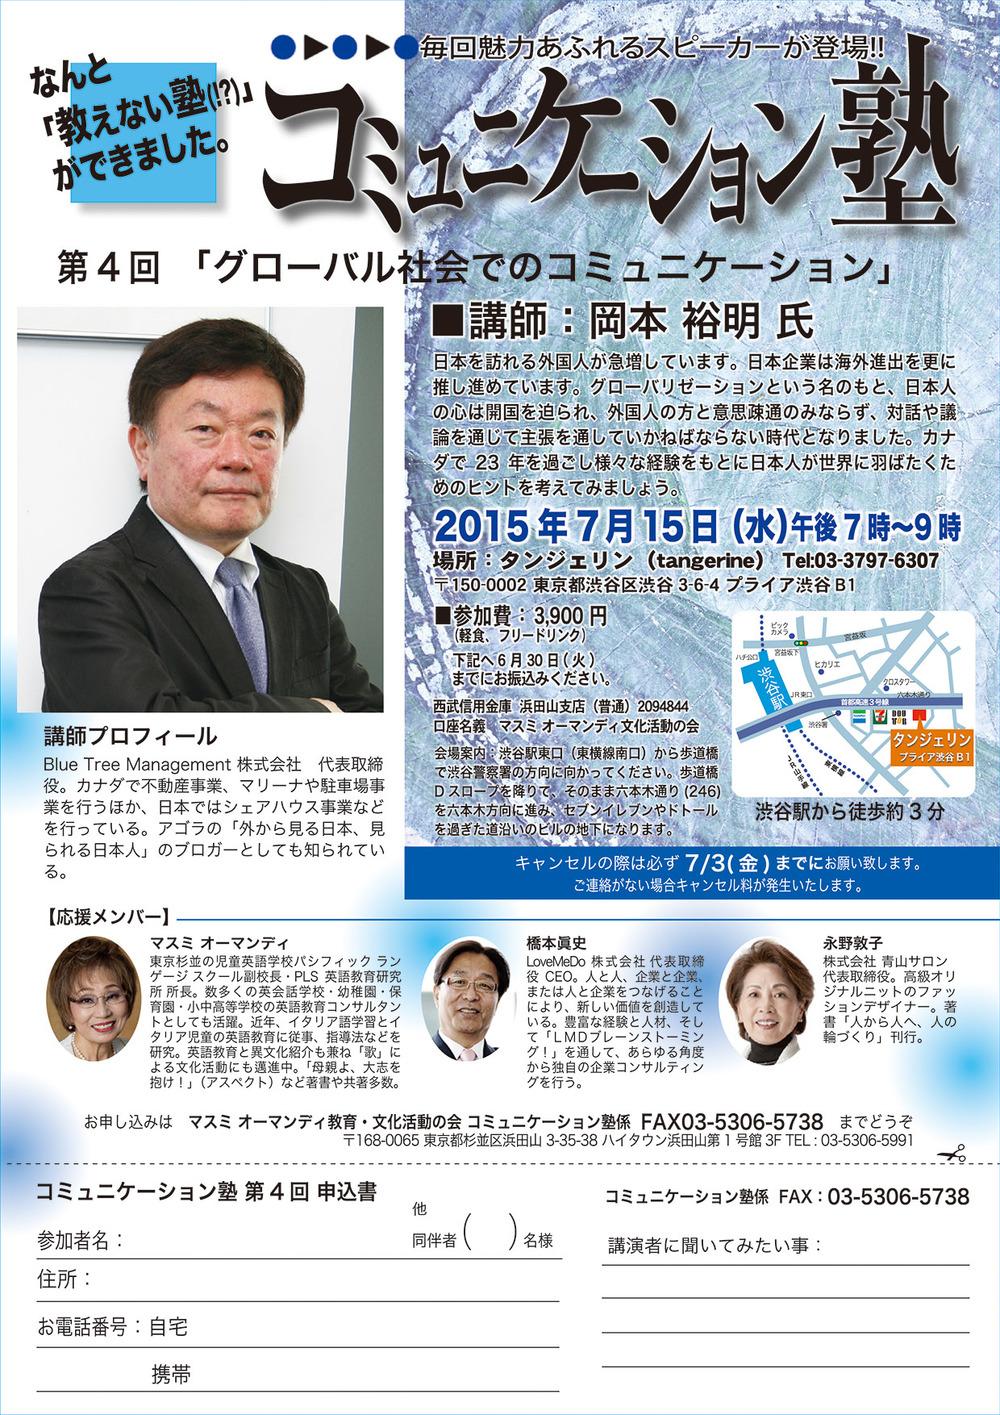 第4回 2015年7月15日 渋谷 「グローバル社会でのコミュニケーション」 岡本裕明